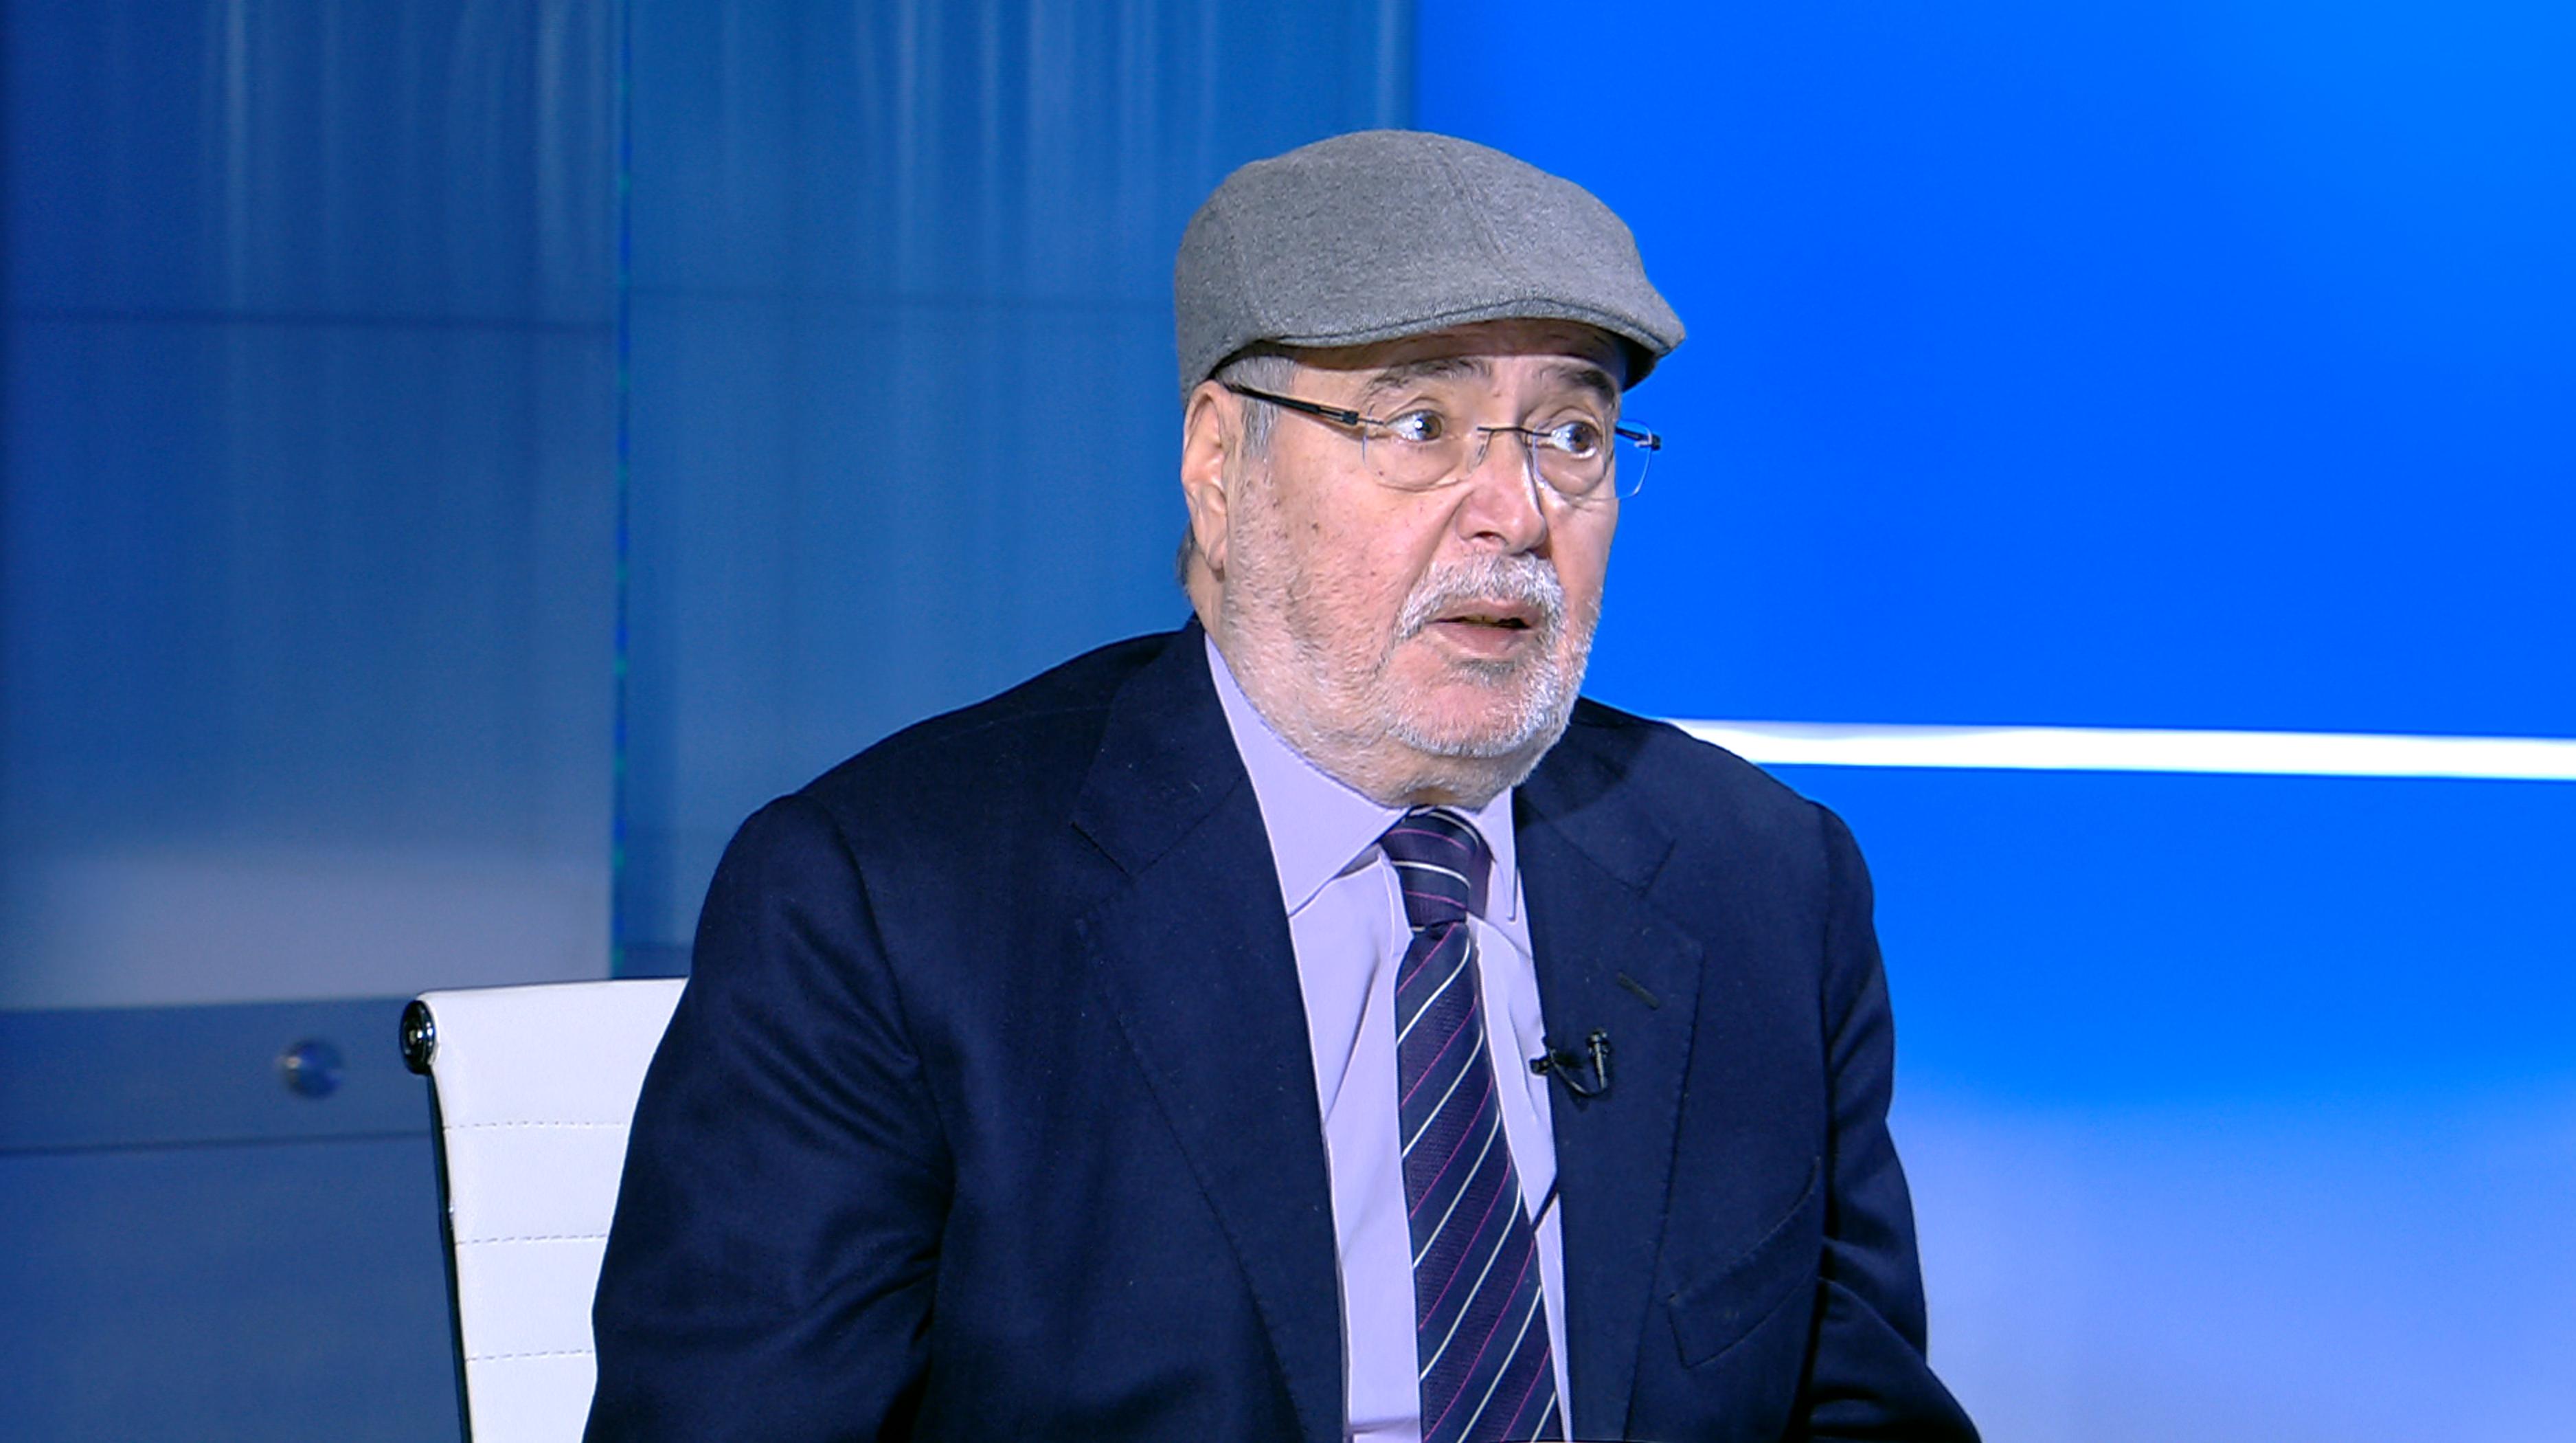 المحامي والناشط الحقوقي الدكتور جمعة عتيقة